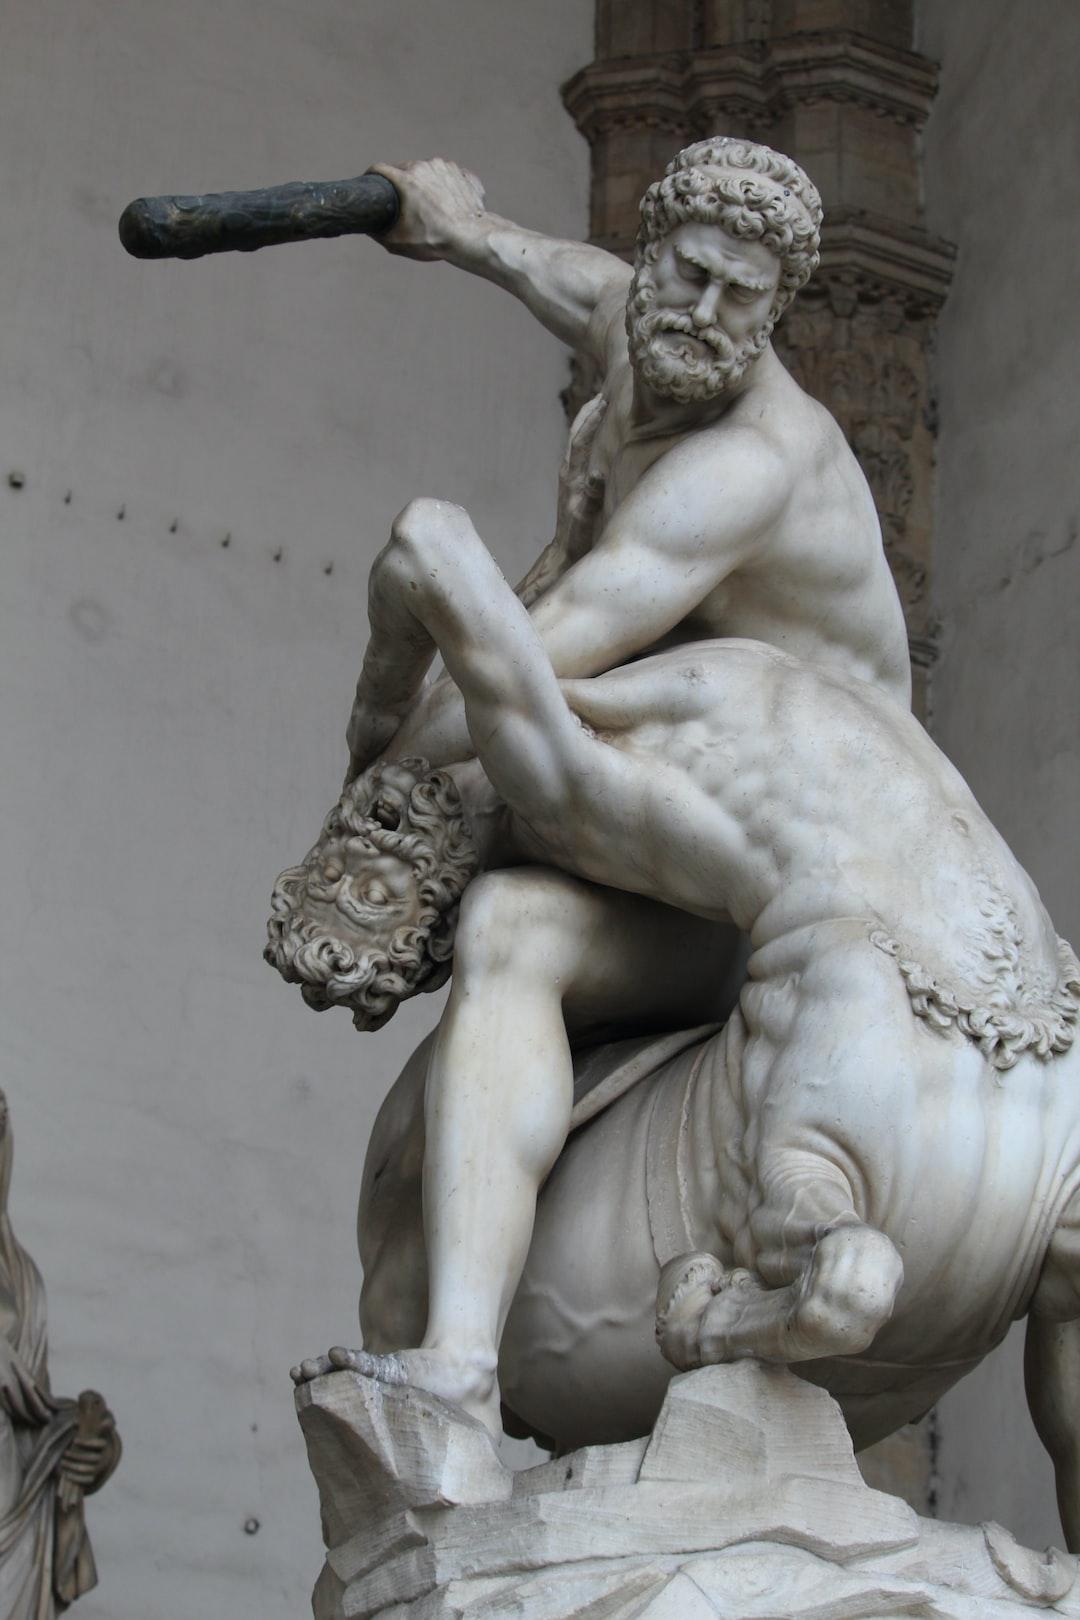 анальный секс италии женщины любят, когда